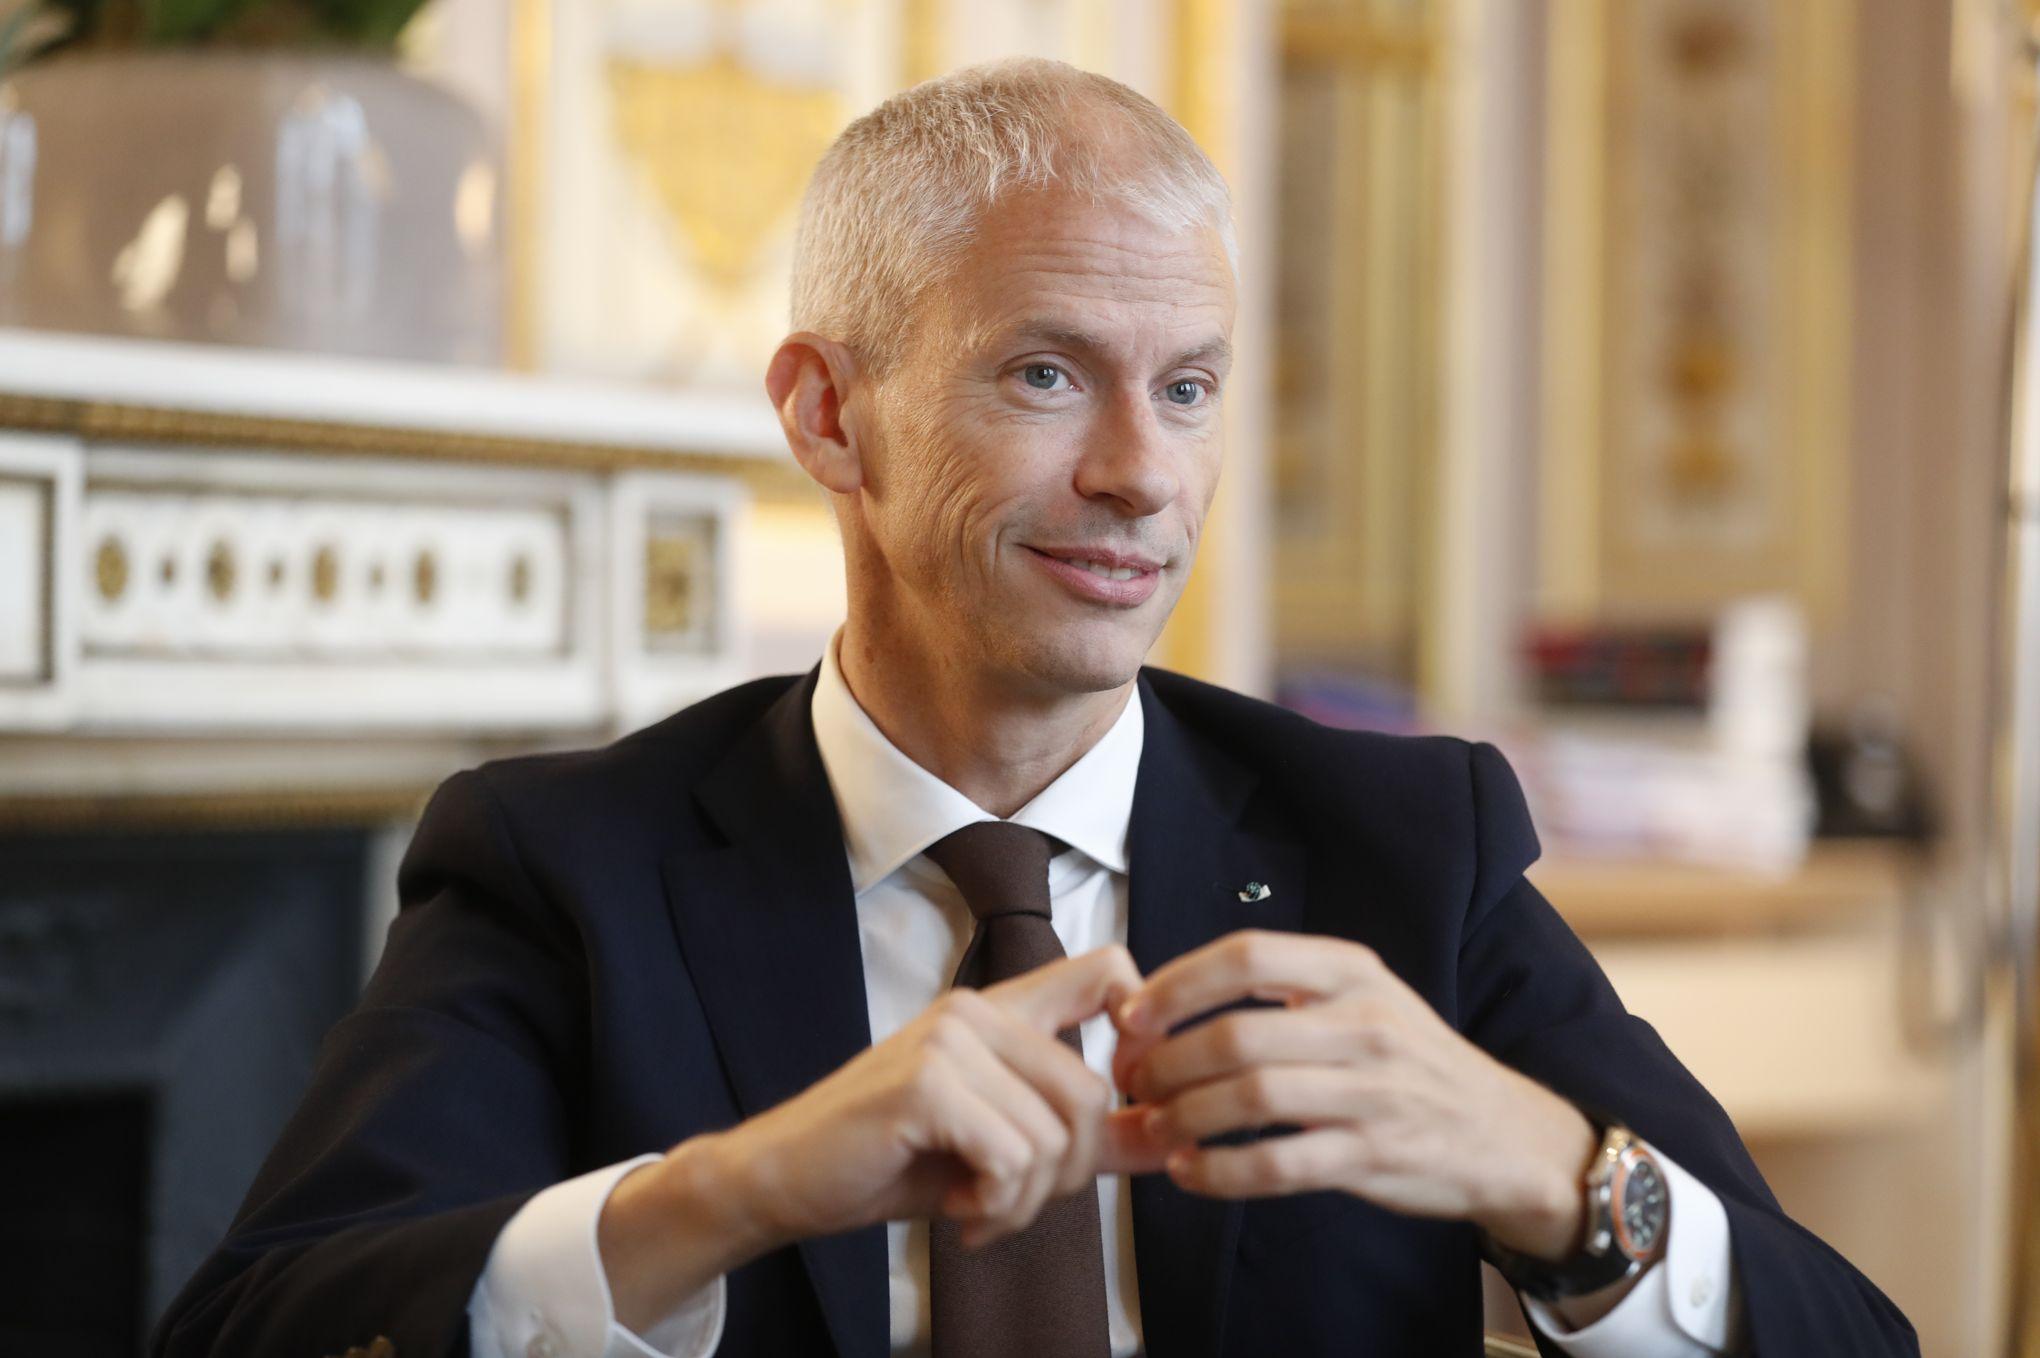 Redevance: l'opération déminage d'Édouard Philippe et Franck Riester